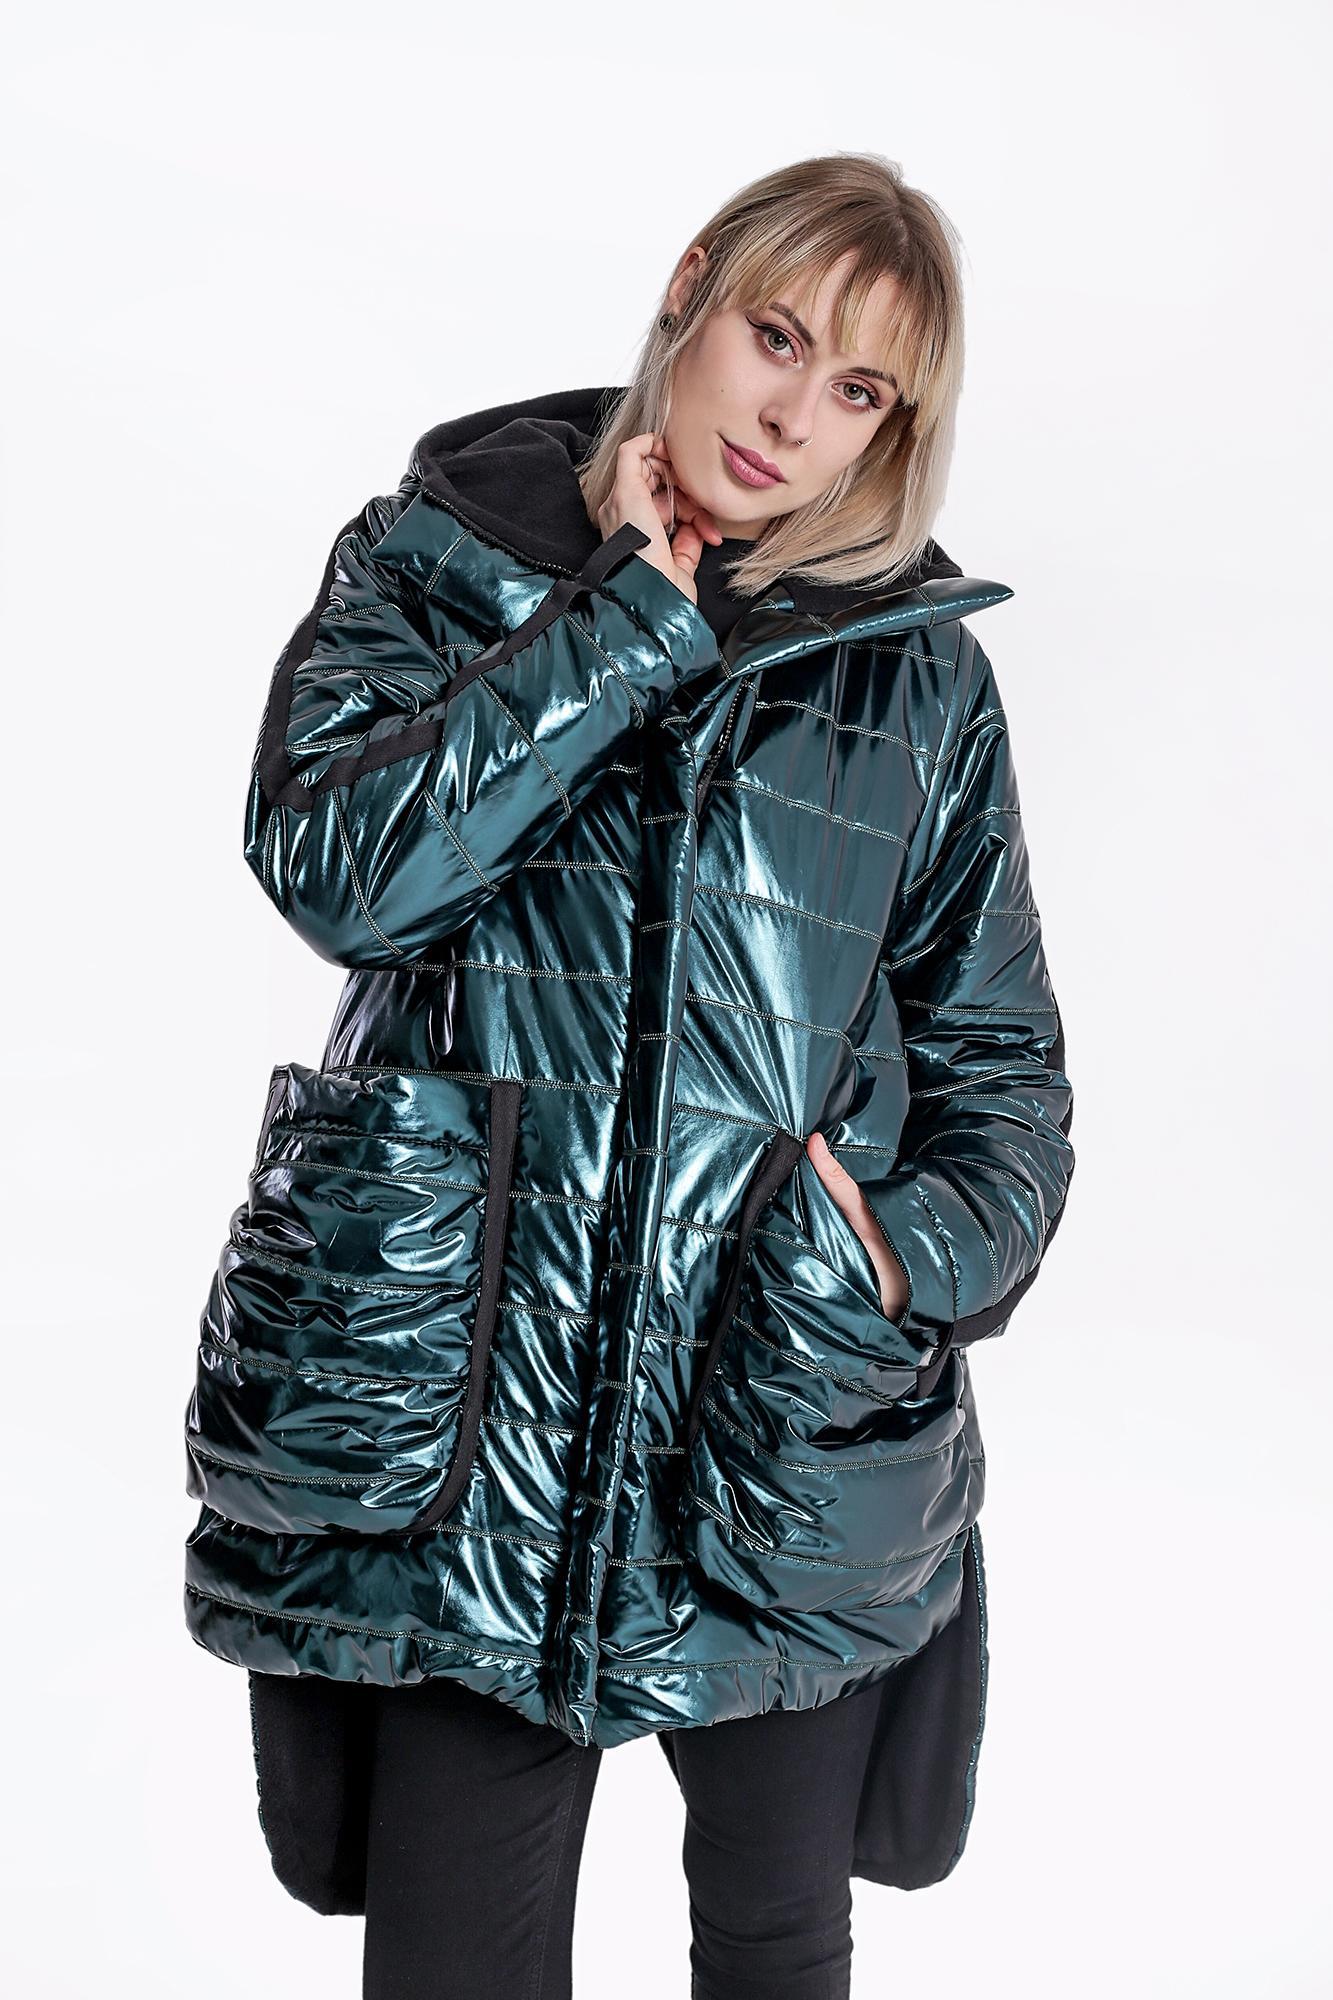 Pikowana, ocieplana kurtka w kolorze metalicznym zielonym wykończona czarną, polarową podszewką. Charakteru dodaje jej wprowadzona asymetria, ogromne, marszczone kieszenie i naszywane taśmy w kapturze, na rękawach i kieszeniach, a także bawełniany gruby sznurek w kolorze czarnym. Dostępna jest w 2 rozmiarach : 36/38, 40/42